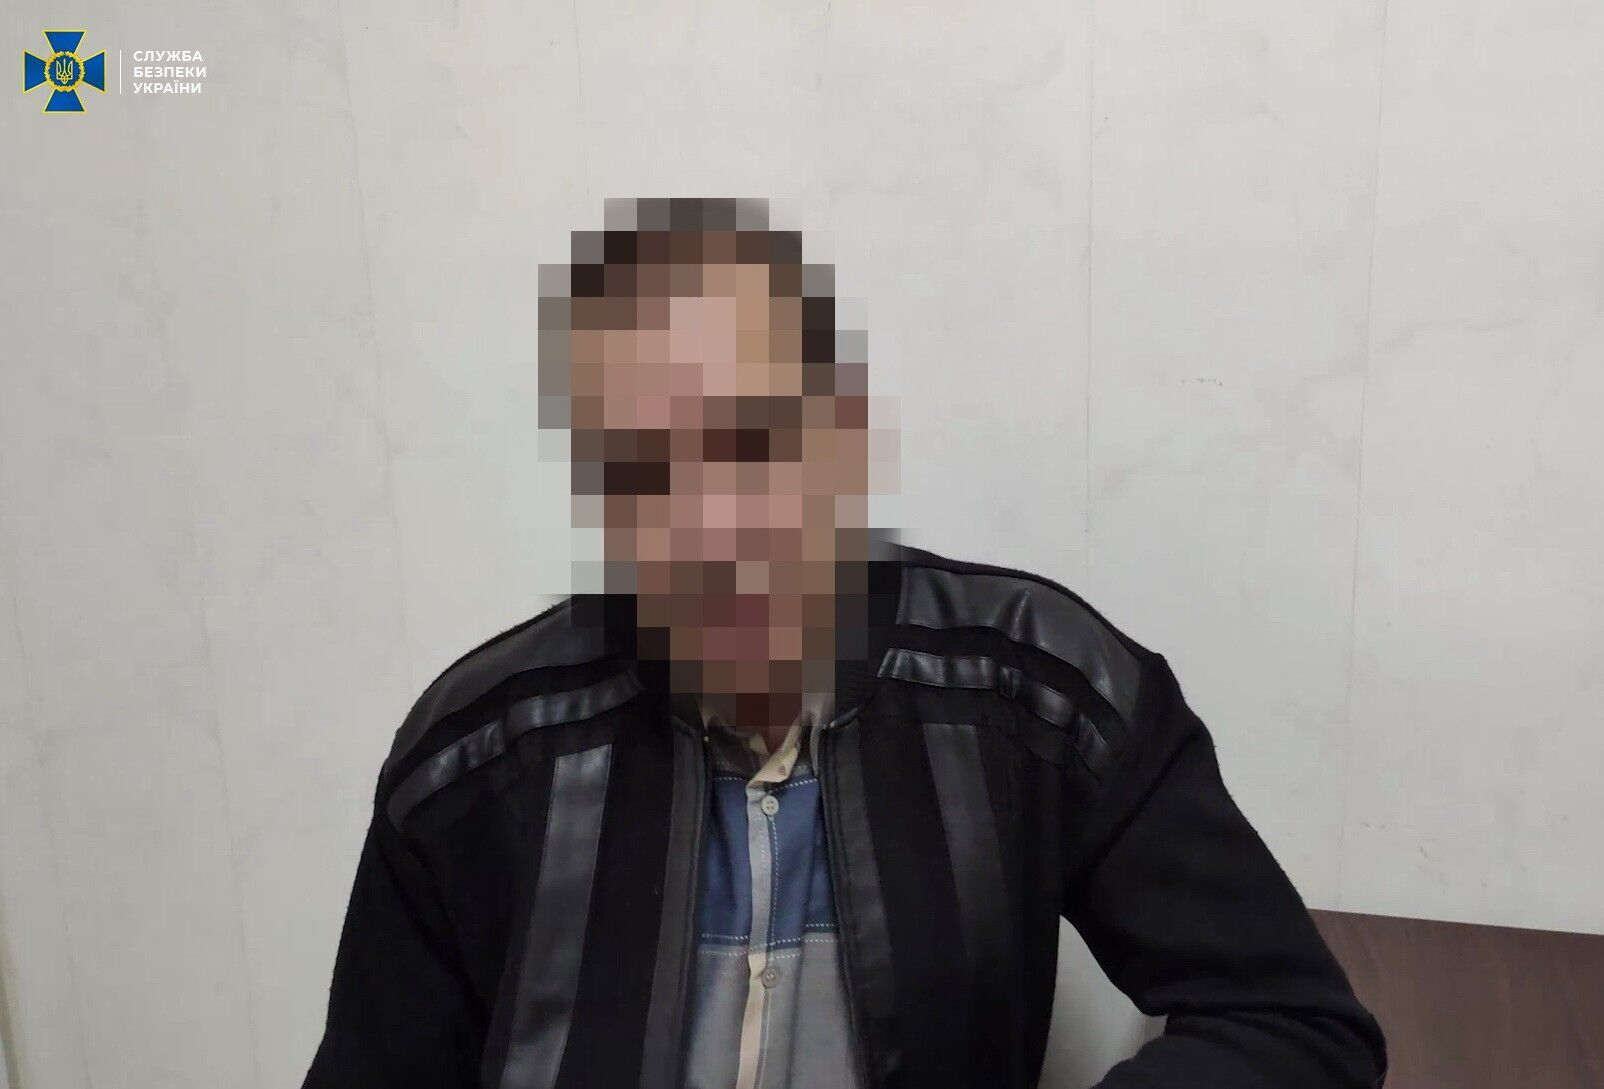 Жителі Маріуполя поширювали пропаганду в інтернеті